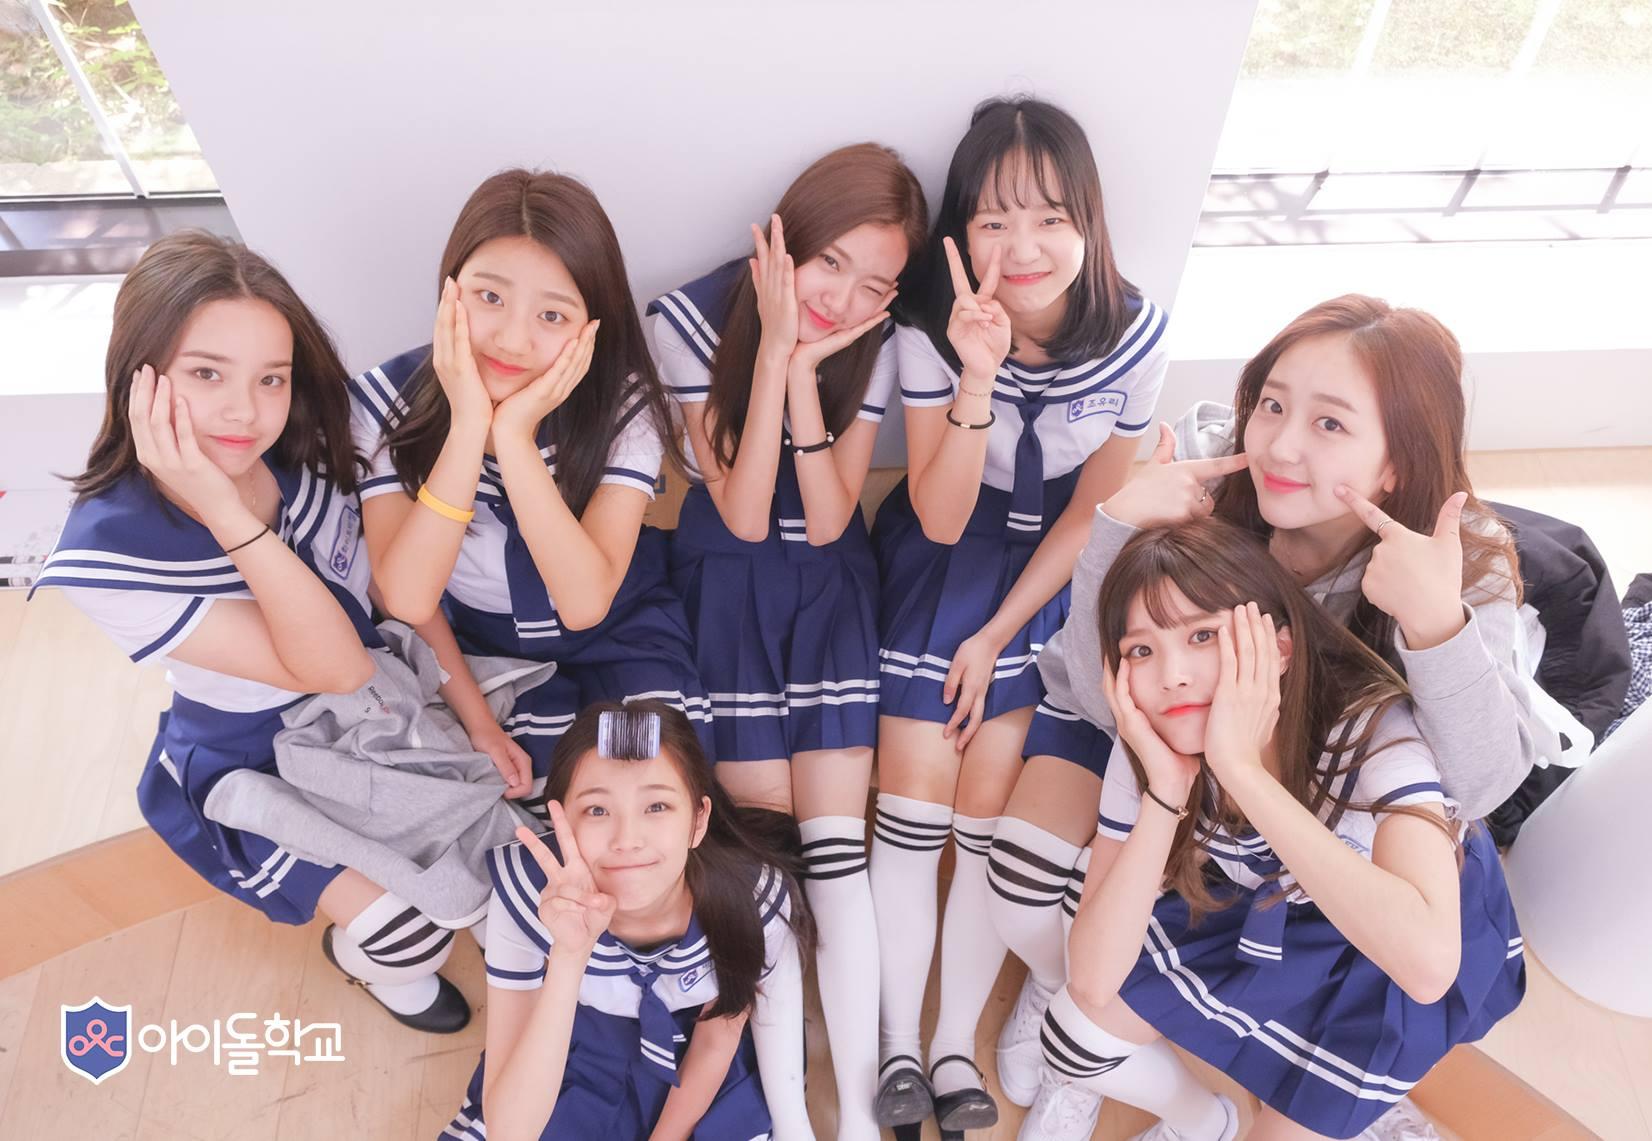 粉絲們都有再追《偶像學校》嗎? 在第二集中參賽者進行了校歌《因為漂亮》的拍攝,參賽者也面臨了首次的考驗!